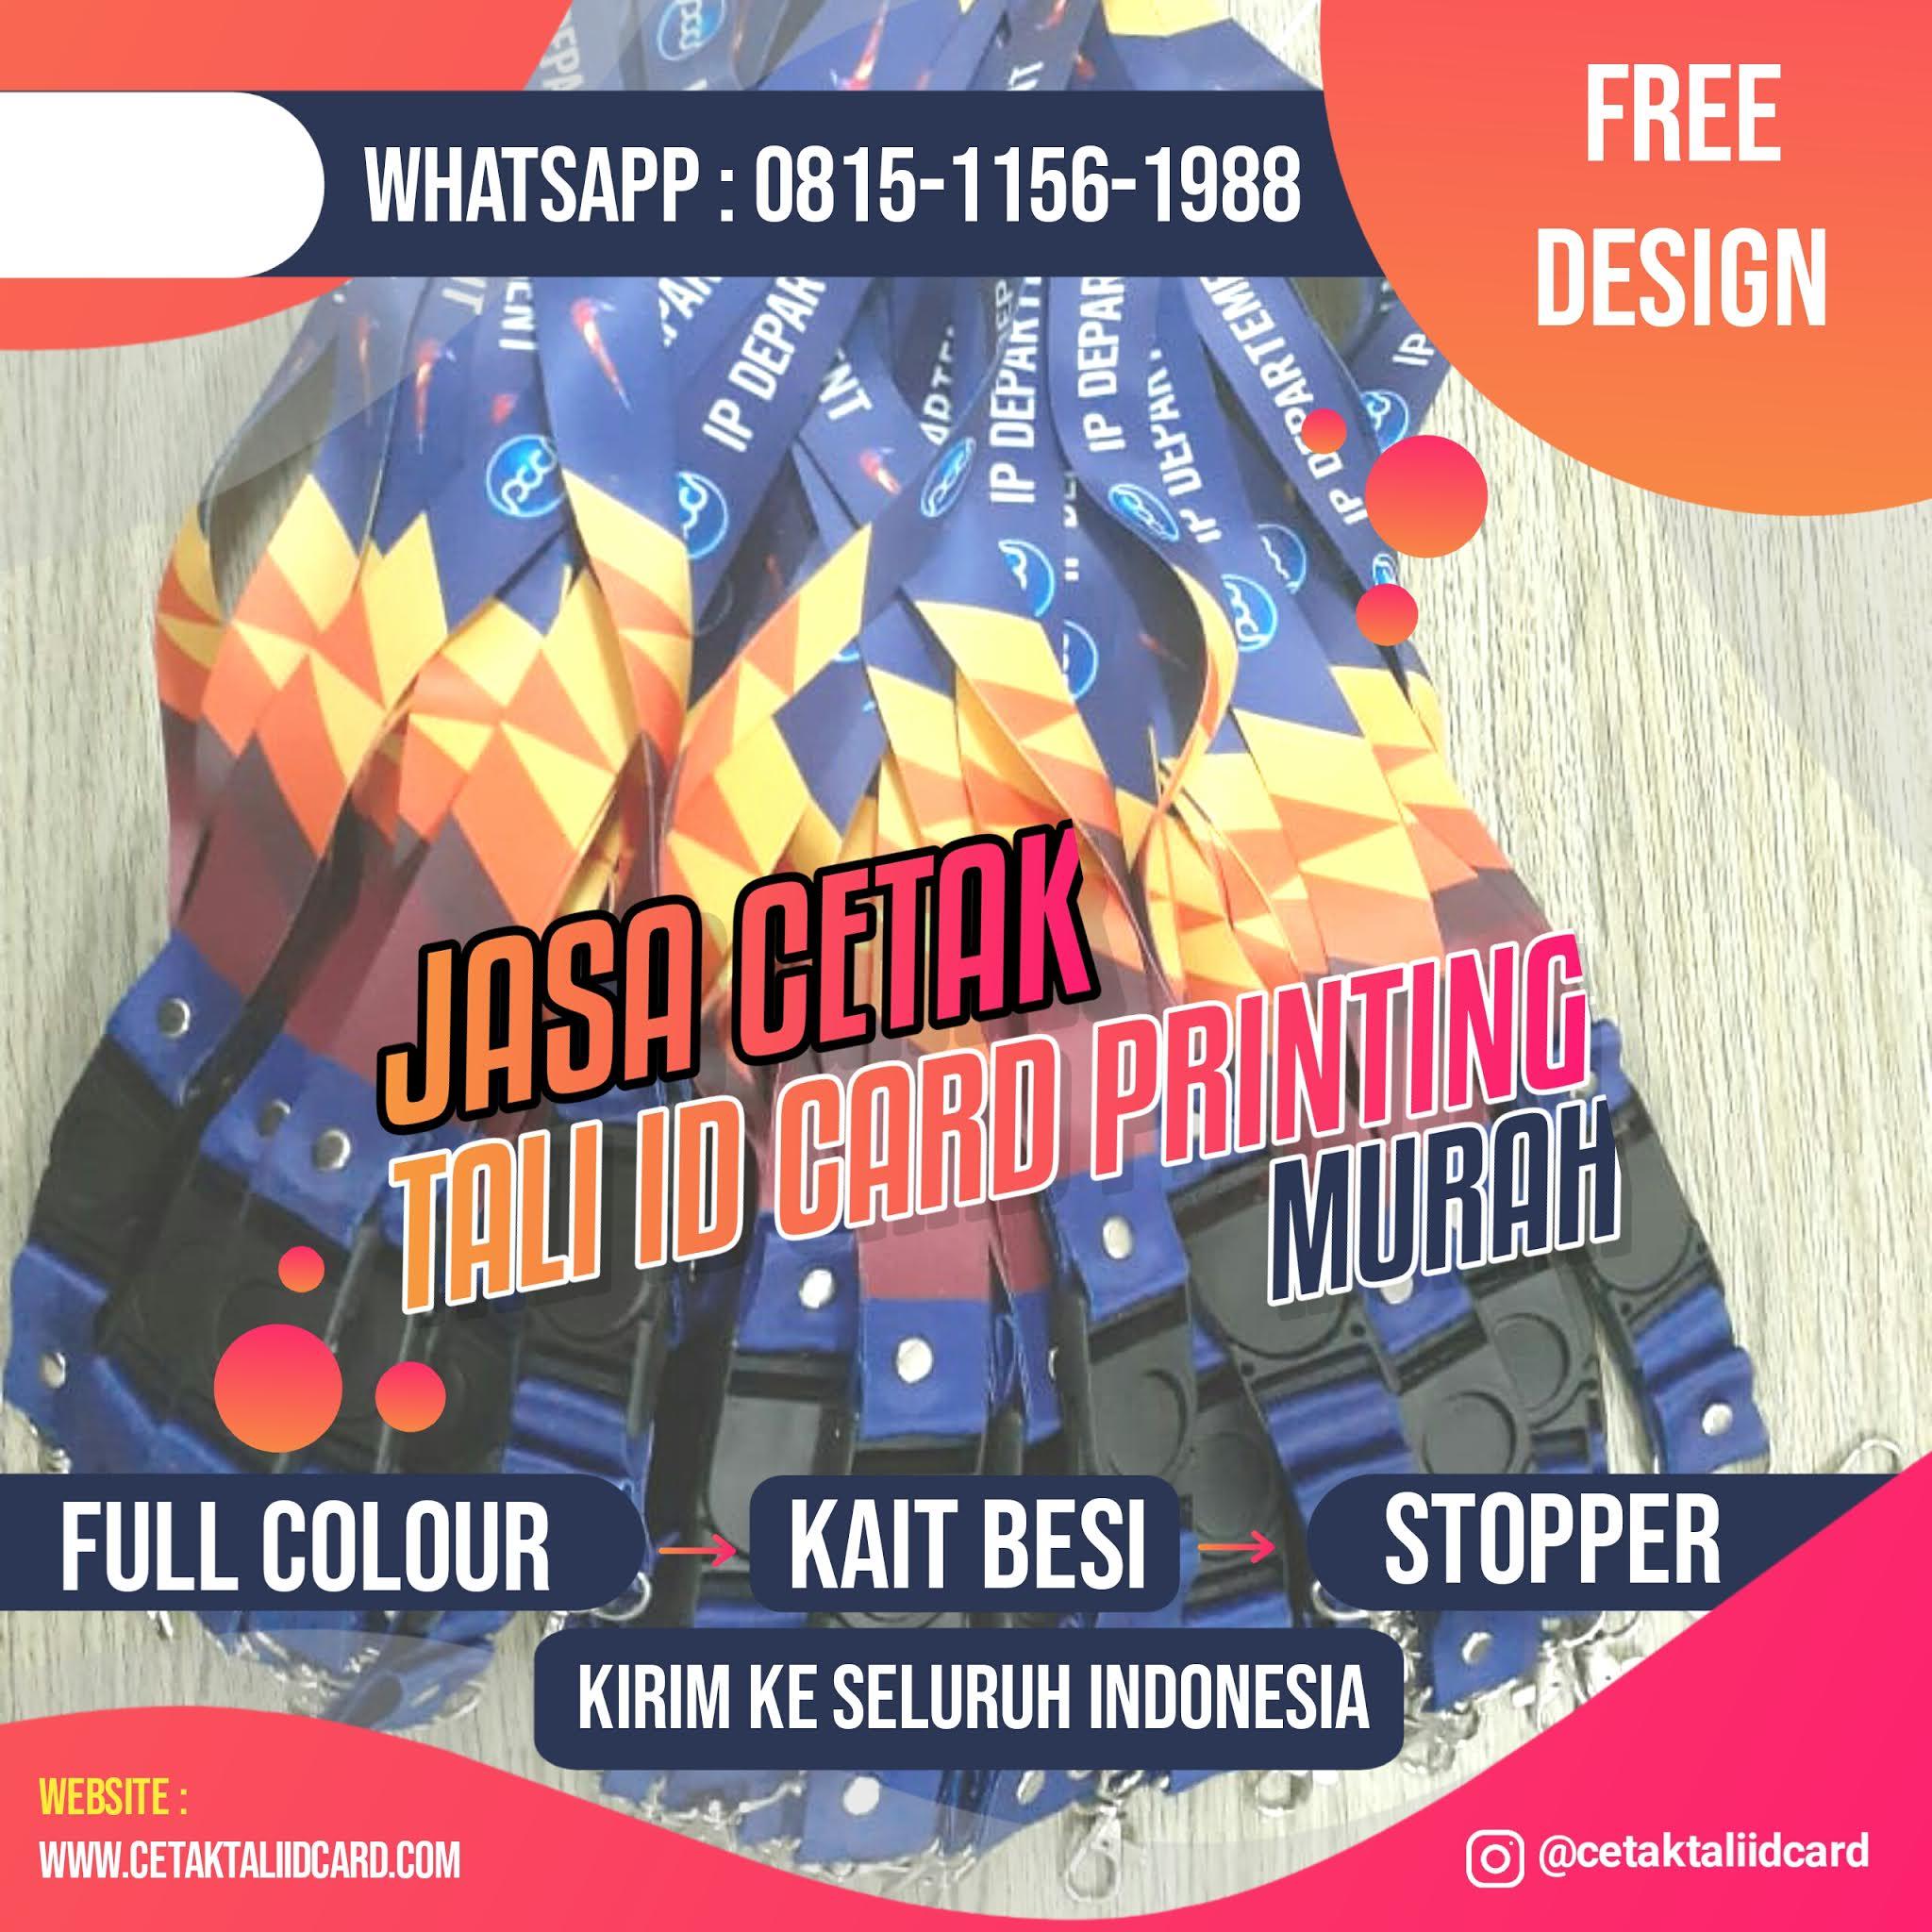 Jasa Cetak Tali ID Card